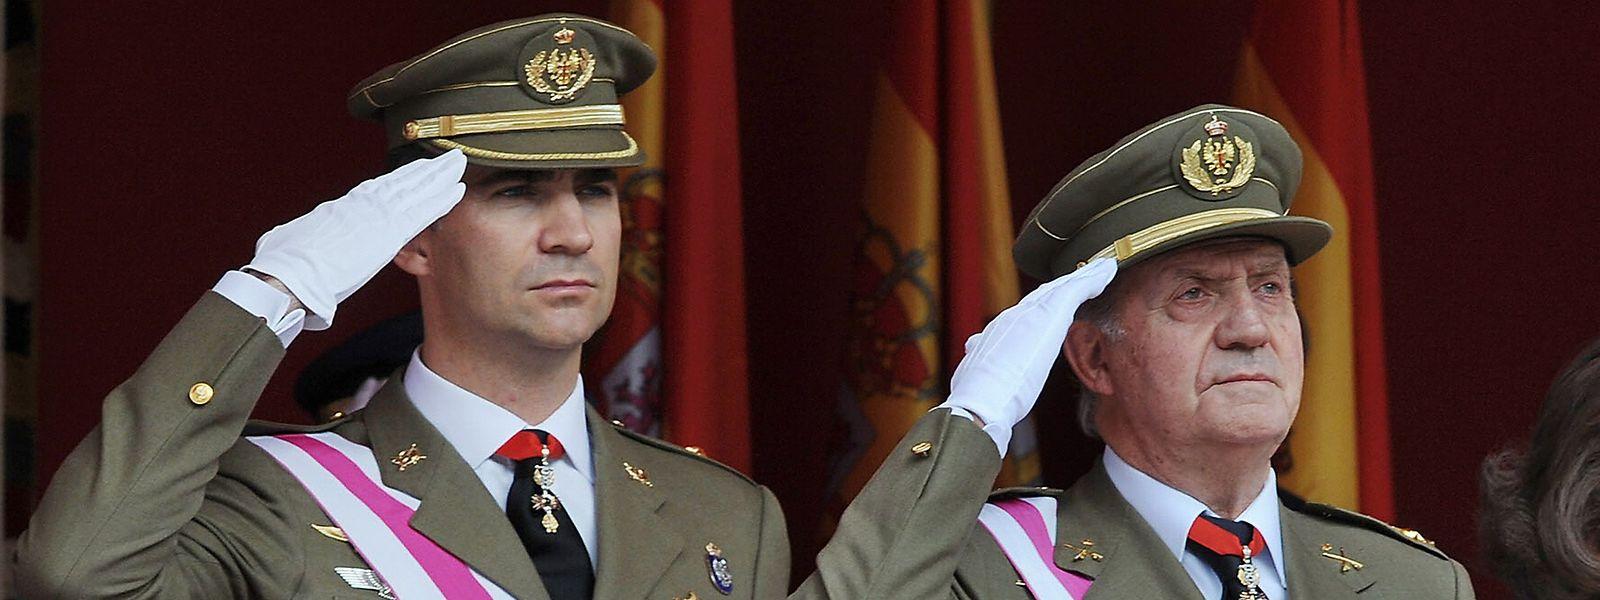 Archivbild aus dem Jahr 2008: Der damalige König Juan Carlos mit seinem Sohn und späteren Nachfolger Felipe (l.).